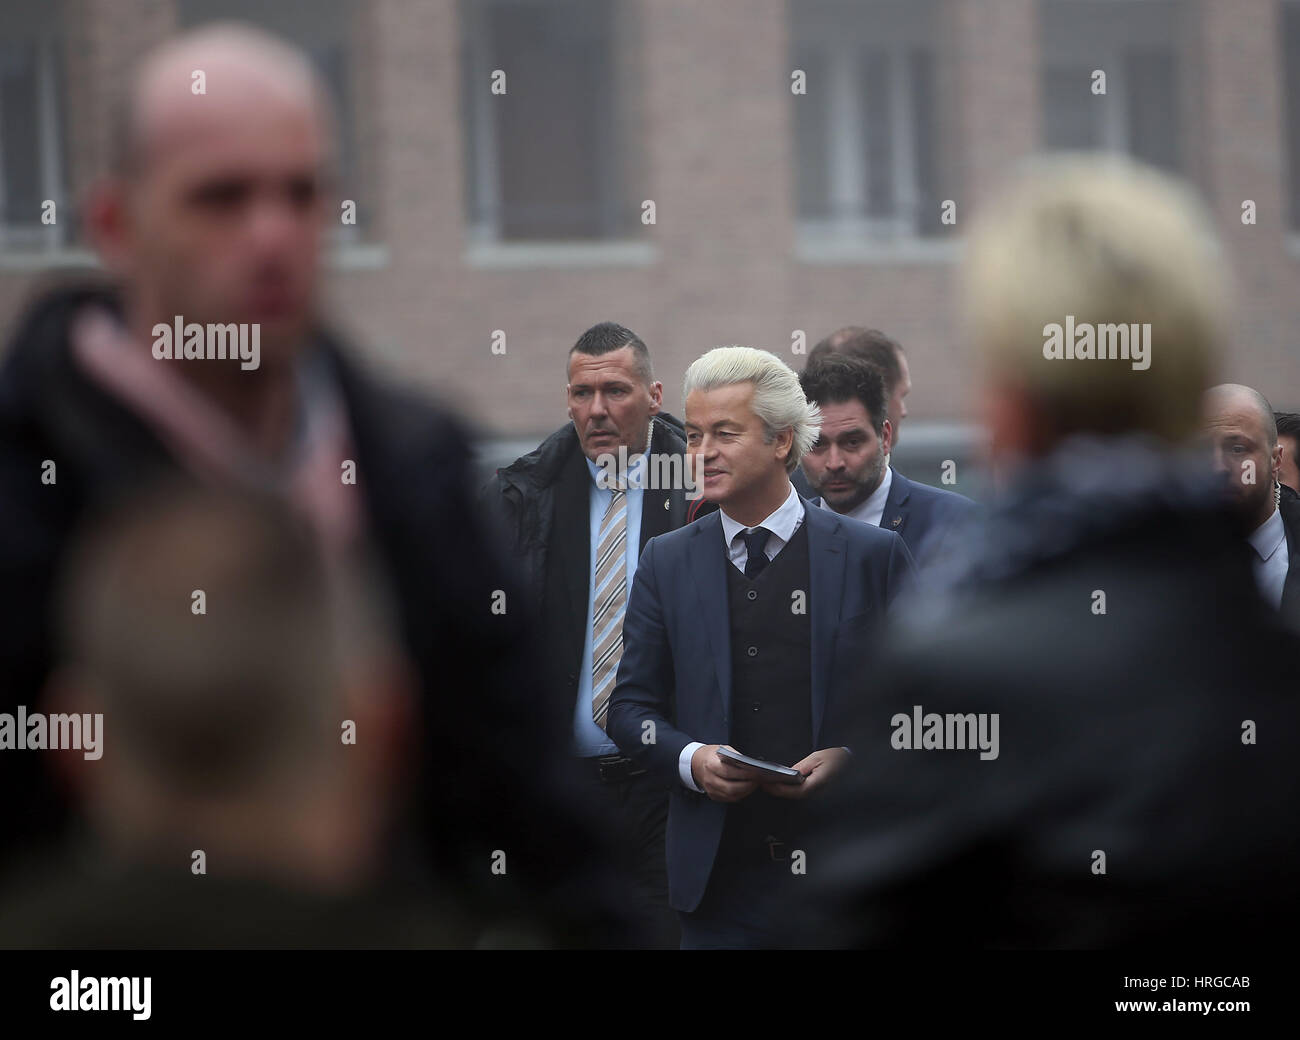 Holanda meridional, Países Bajos. 18 Feb, 2017. El populista de derechas holandés y líder del Partij Imagen De Stock